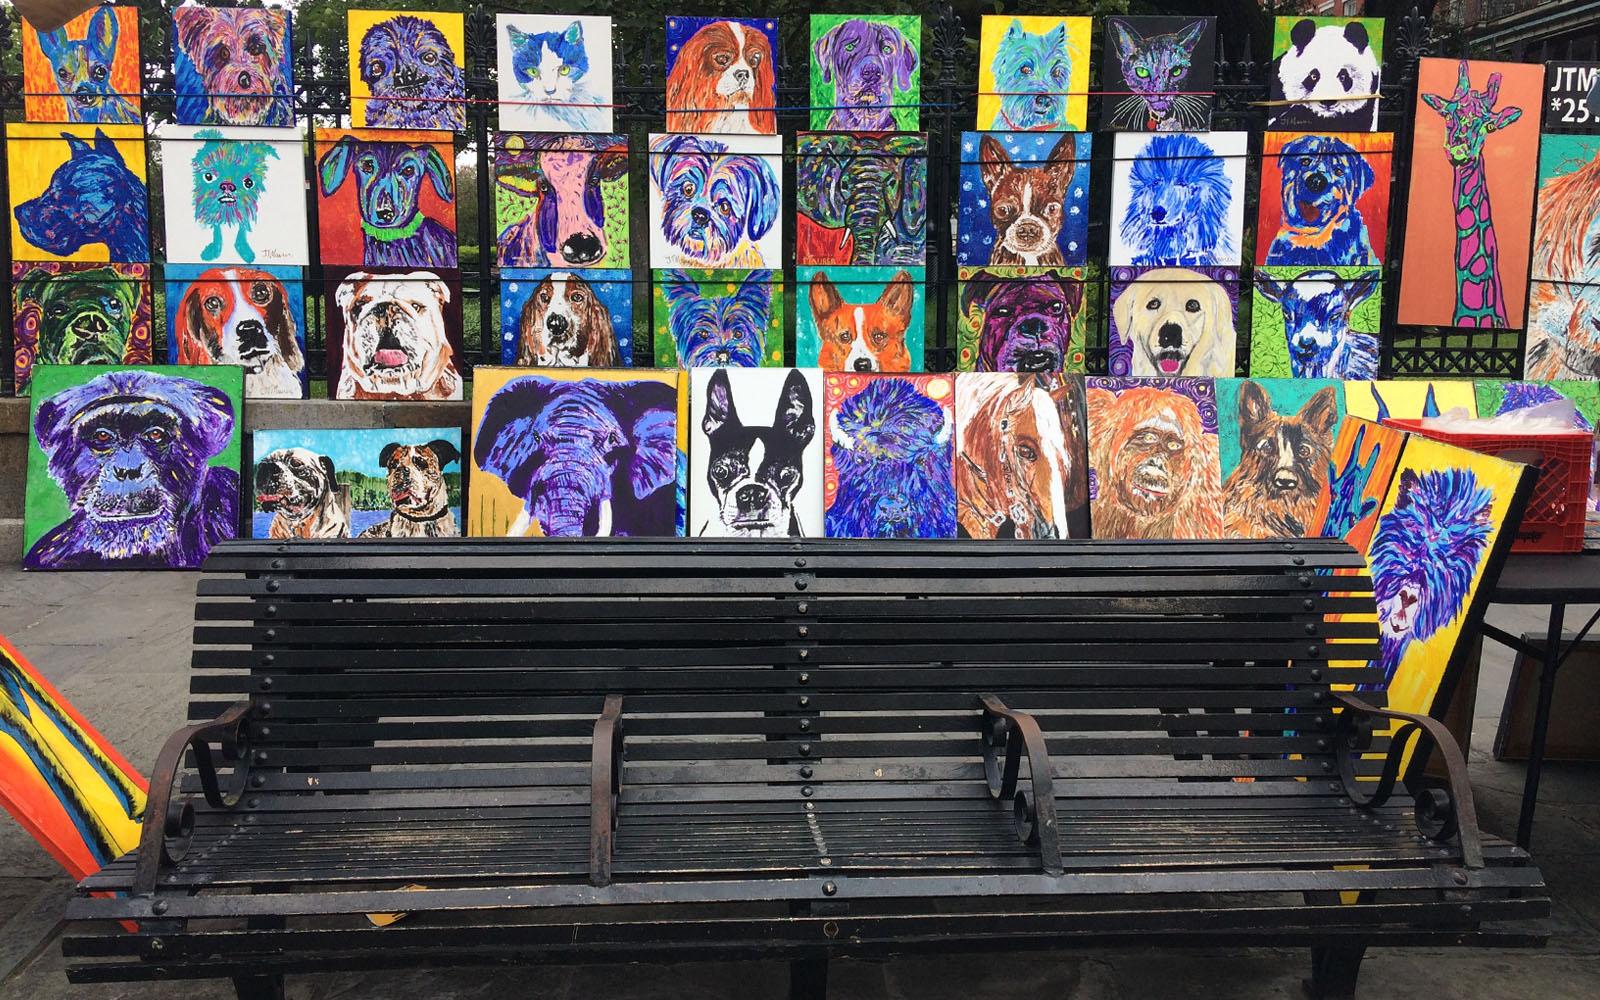 Quadri di un artista di strada esposti in Jackson square.